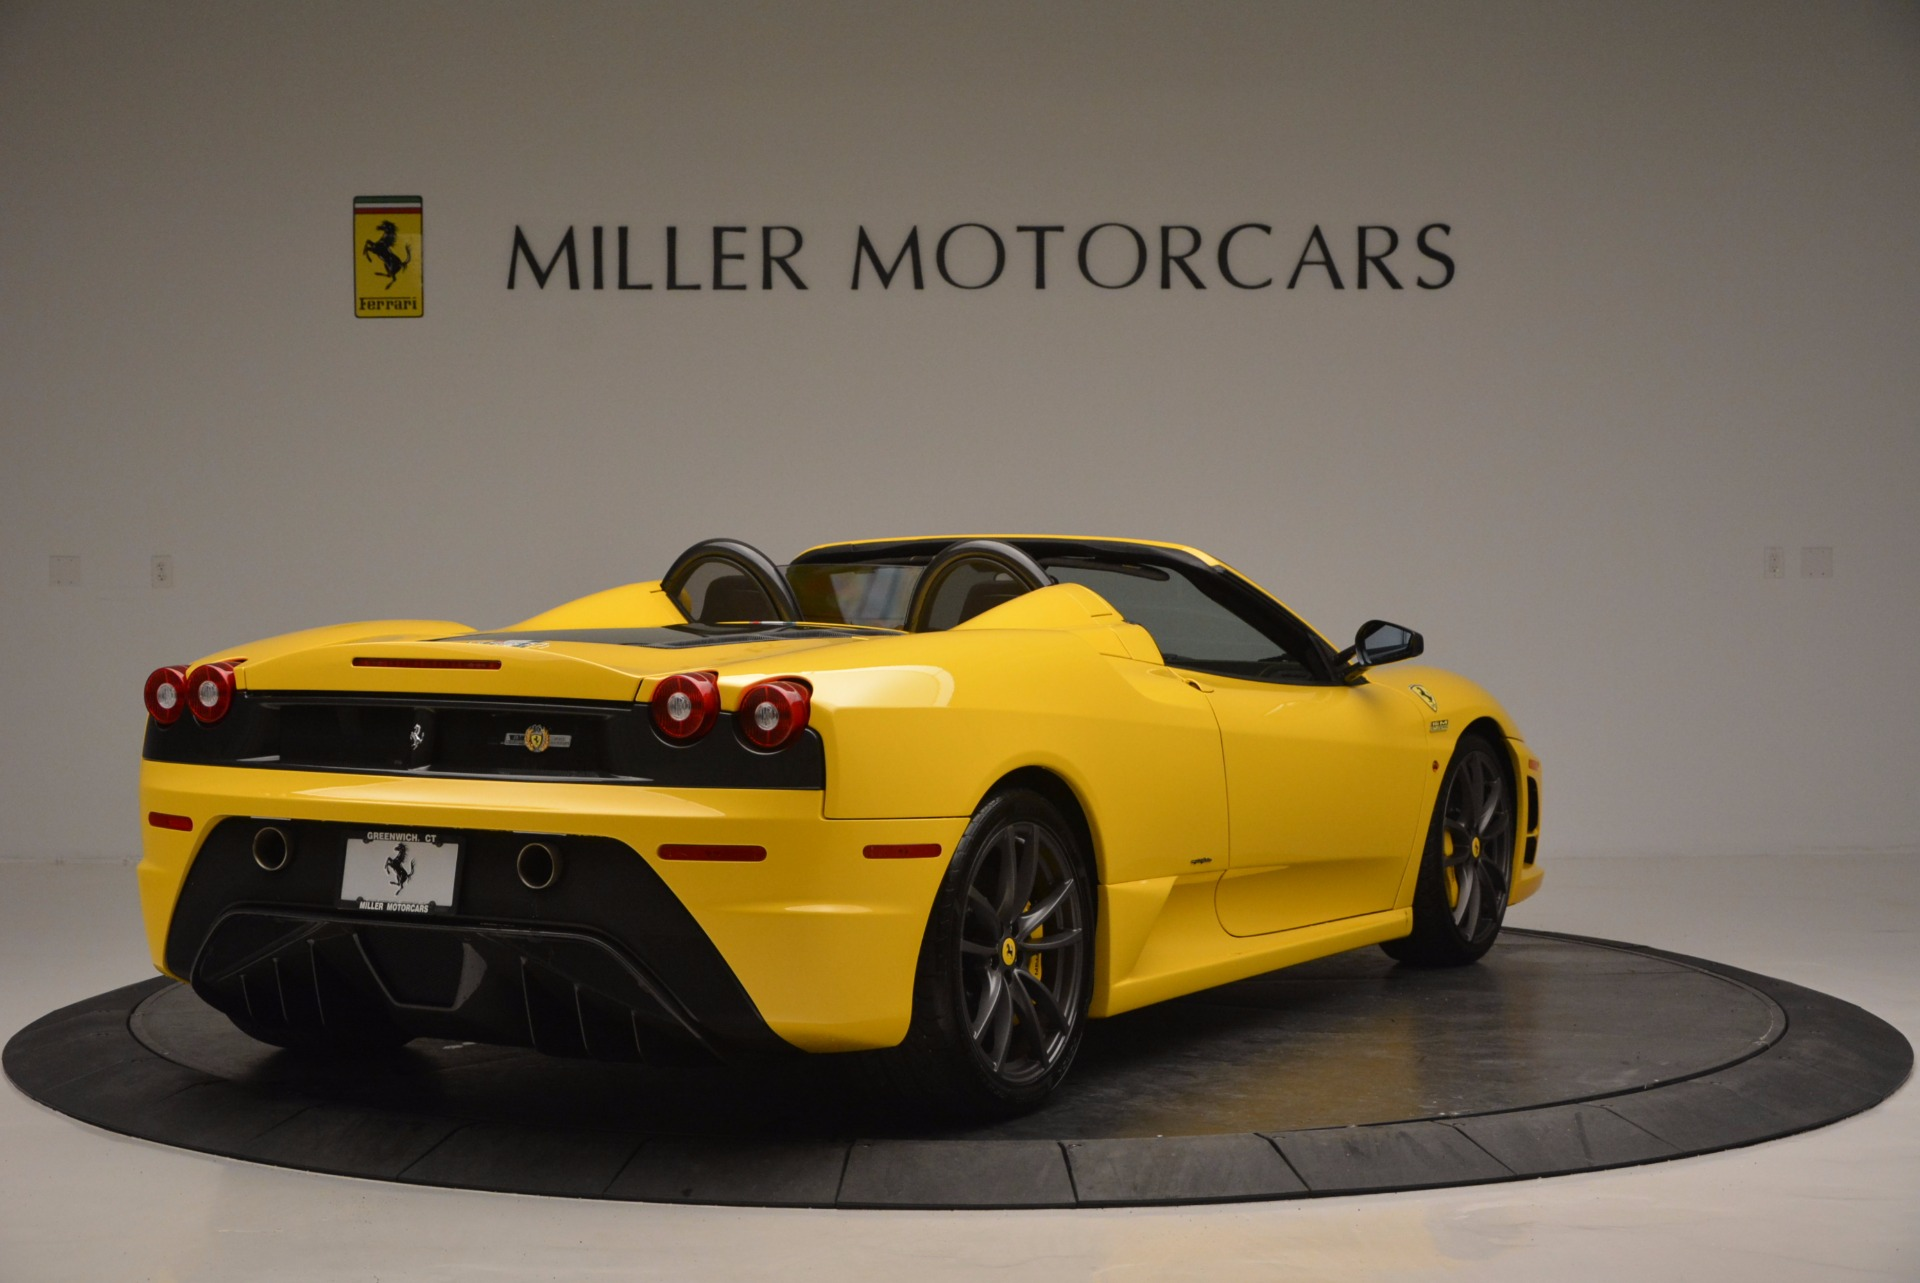 Used 2009 Ferrari F430 Scuderia 16M For Sale In Greenwich, CT. Alfa Romeo of Greenwich, 4369 856_p7